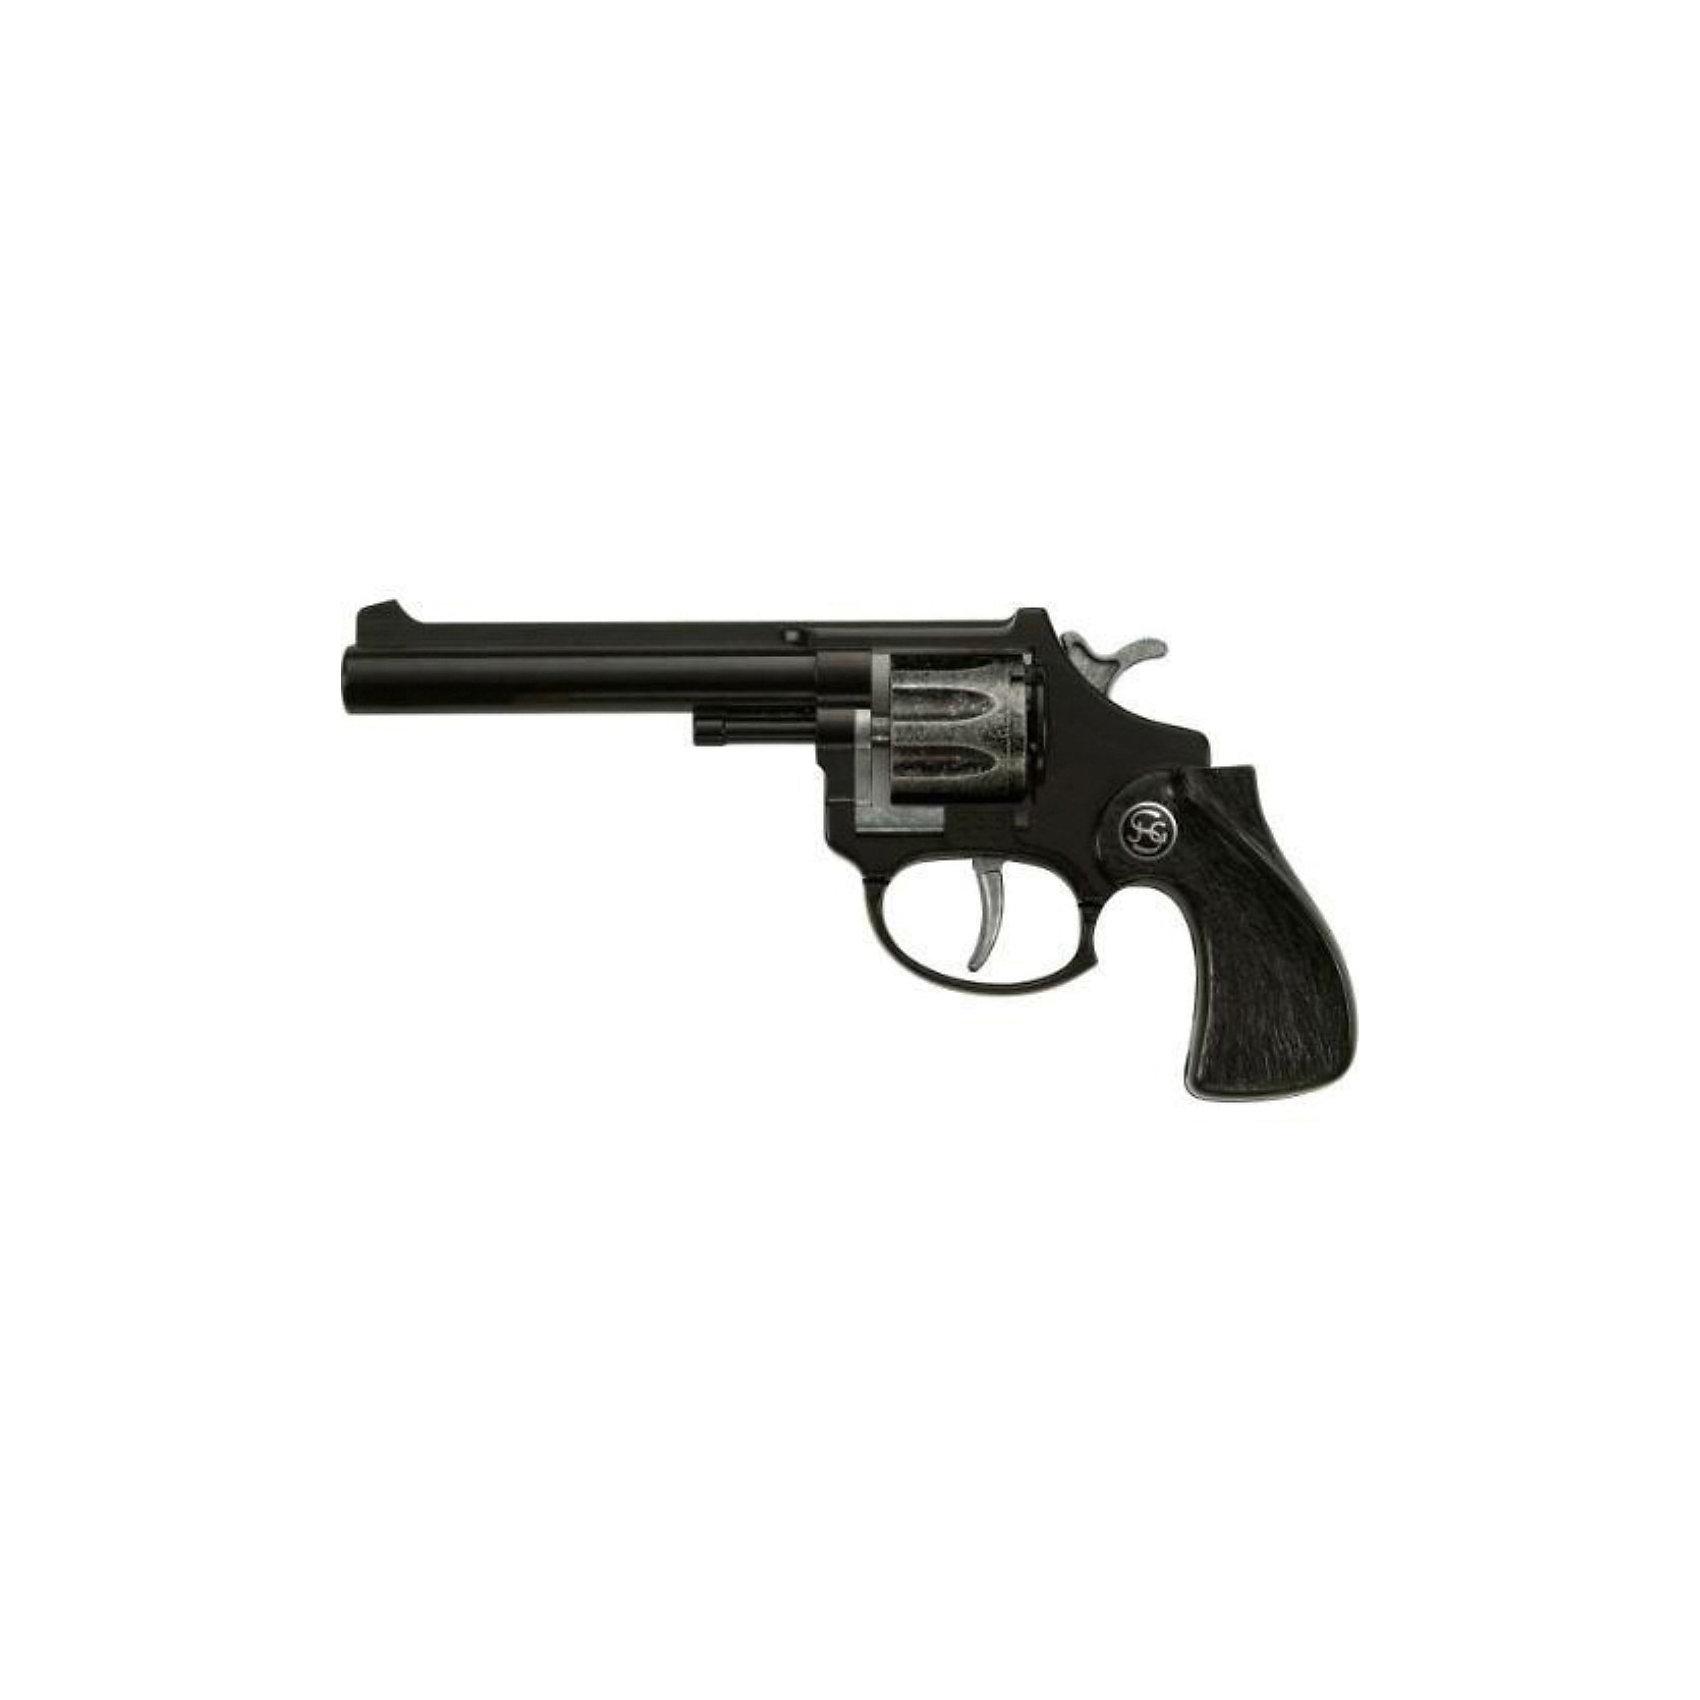 Пистолет  R 88,  SchrodelПистолет  R 88,  Schrodel (Шрёдел) – детский восьмизарядный пистолет изготовленный в натуральную величину из высококачественного материала.<br>Игрушечные револьверы от немецкой компании Schrodel (Шрёдел) — лучшие игрушки для военных и в схожих социально-ролевых играх мальчишек. Револьвер черного цвета с барабаном, вмещающим 8 пистонов, подарит вашему мальчику массу положительных и ярких эмоций. Игровой пистолет имеет непревзойденное качество исполнения и великолепную детализацию, что делает пистолет похожим на реальную модель. Игра с игрушечным оружием поможет вашему малышу развить координацию движений, ловкость, логическое мышление и воображение. Все игрушки компании Schrodel выполнены из нетоксичных и качественных материалов, безопасных для здоровья ребенка.<br><br>Дополнительная информация:<br><br>- Ёмкость магазина: 8 зарядов<br>- Пистоны приобретаются отдельно<br>- Цвет: черный<br>- Материал: металл и пластик<br>- Размер игрушки: 18 см.<br>- Обязательно ознакомьтесь с инструкцией и соблюдайте меры безопасности<br><br>Пистолет  R 88,  Schrodel (Шрёдел) можно купить в нашем интернет-магазине.<br><br>Ширина мм: 80<br>Глубина мм: 200<br>Высота мм: 30<br>Вес г: 90<br>Возраст от месяцев: 84<br>Возраст до месяцев: 168<br>Пол: Мужской<br>Возраст: Детский<br>SKU: 3838993